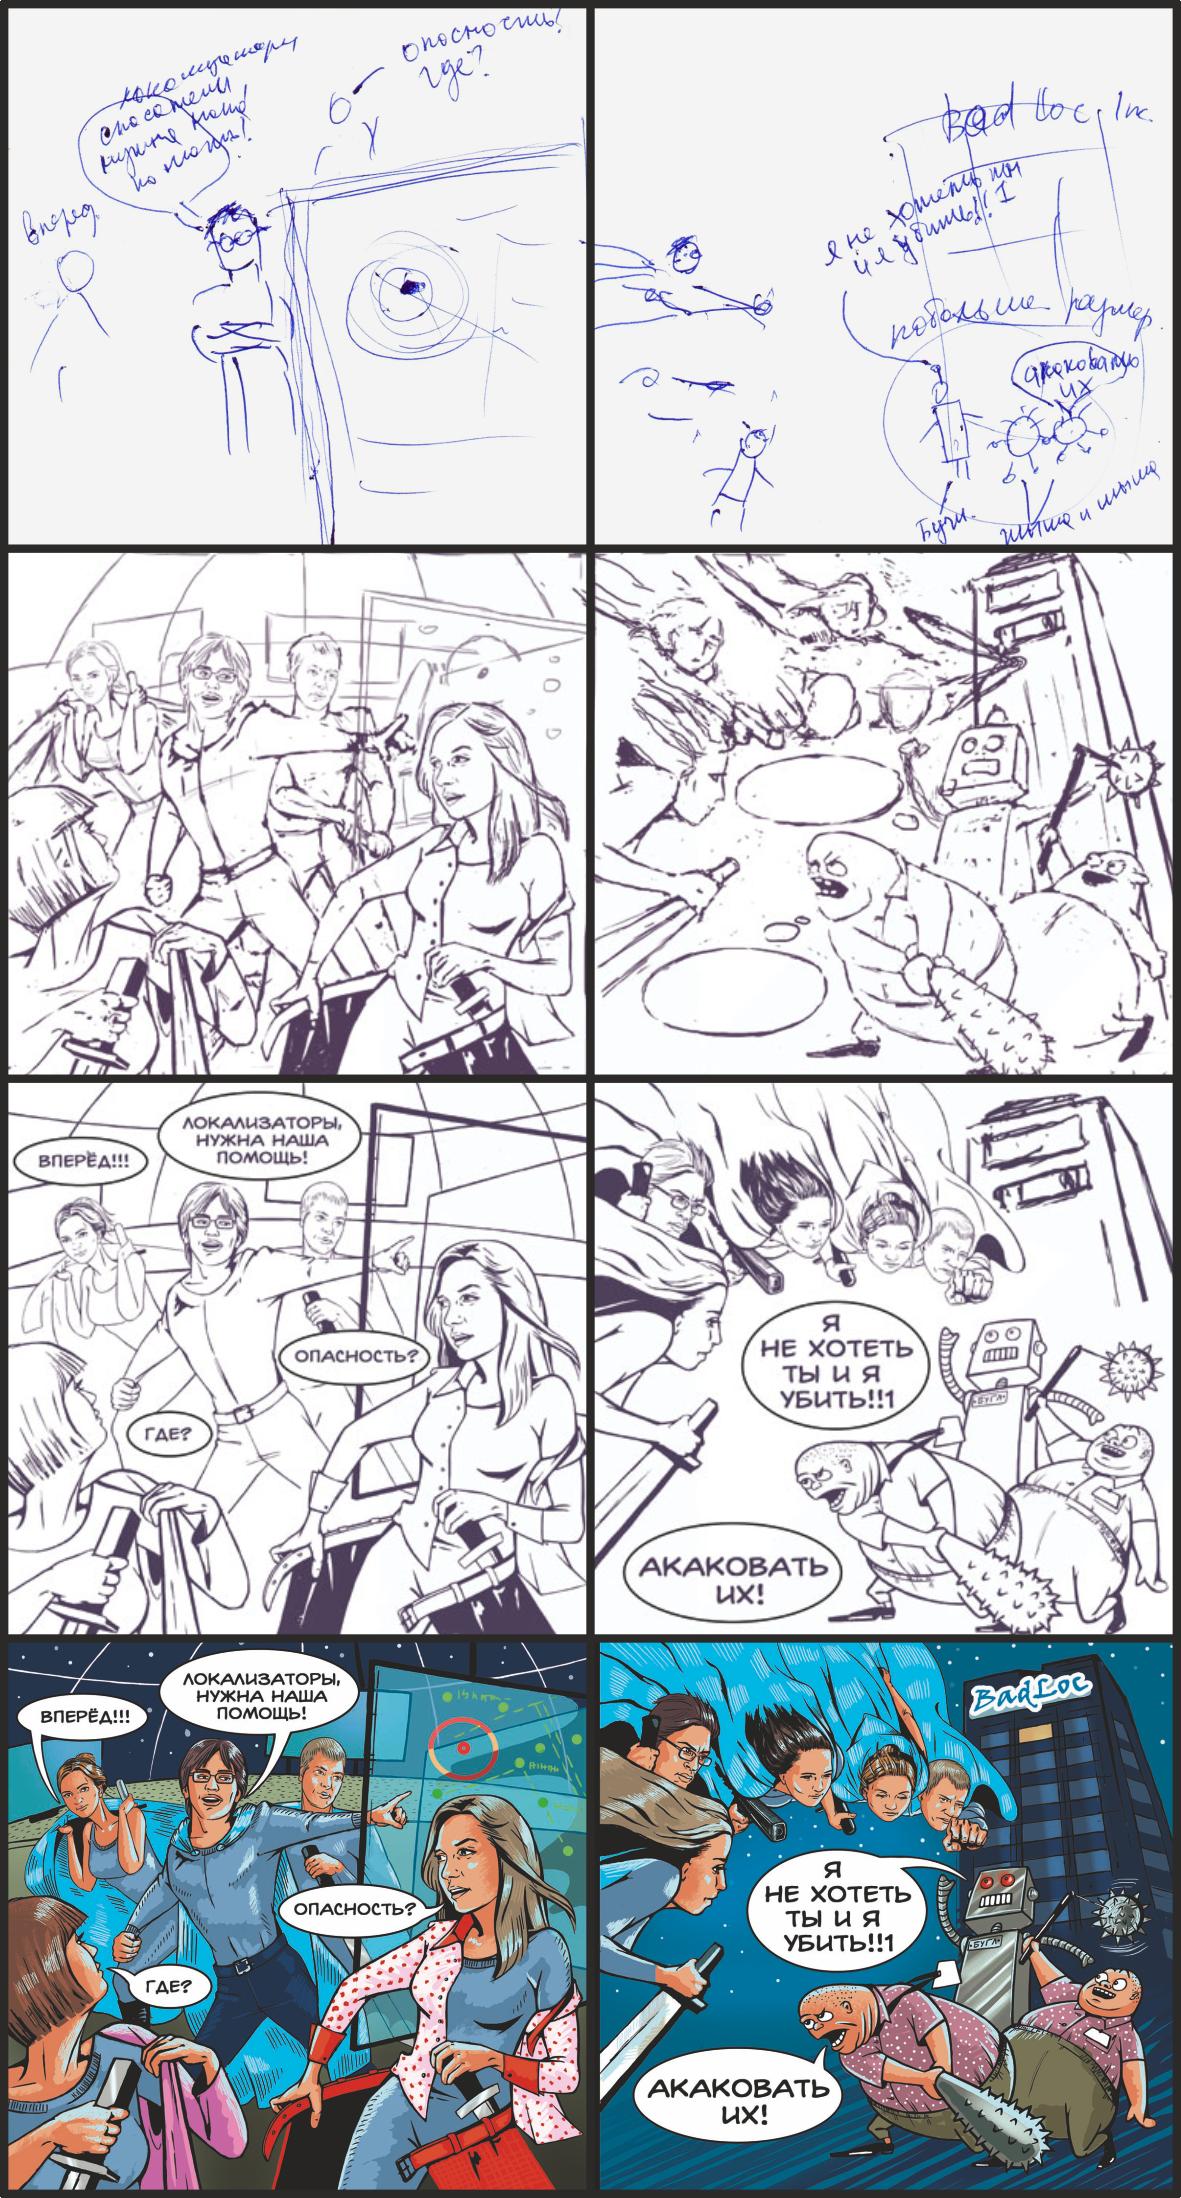 От локализации к комиксам, или как сделать раздаточный материал запоминающимся - 3